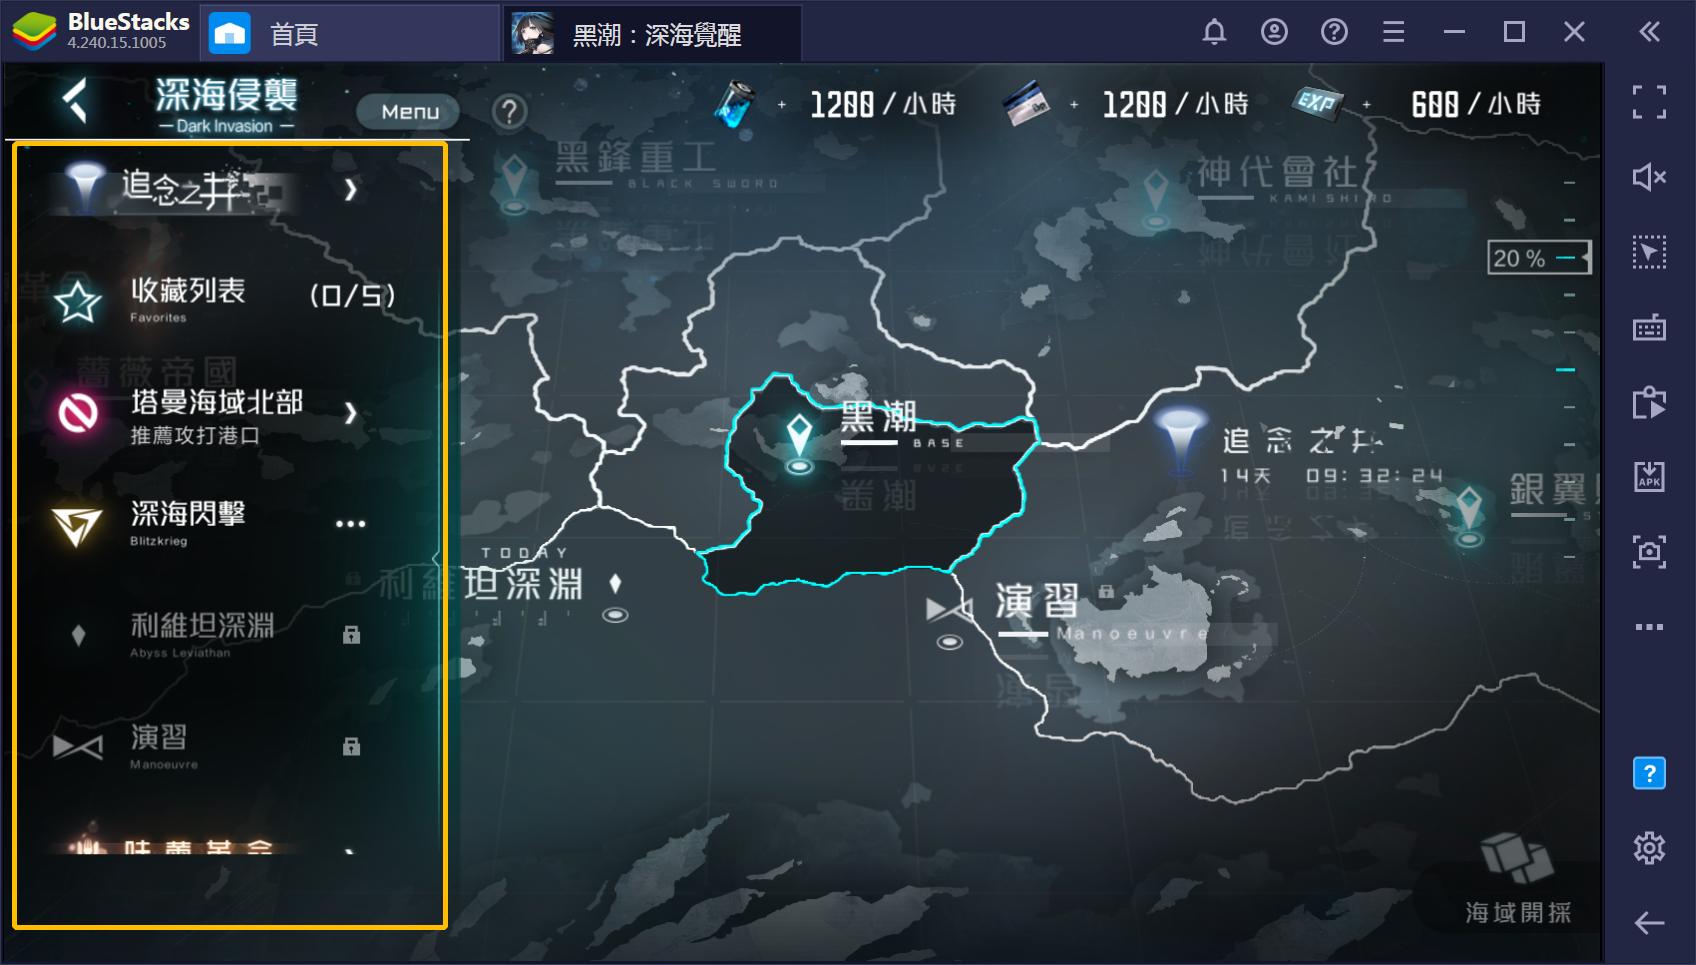 使用BlueStacks在PC上遊玩放置遊戲《黑潮:深海覺醒》